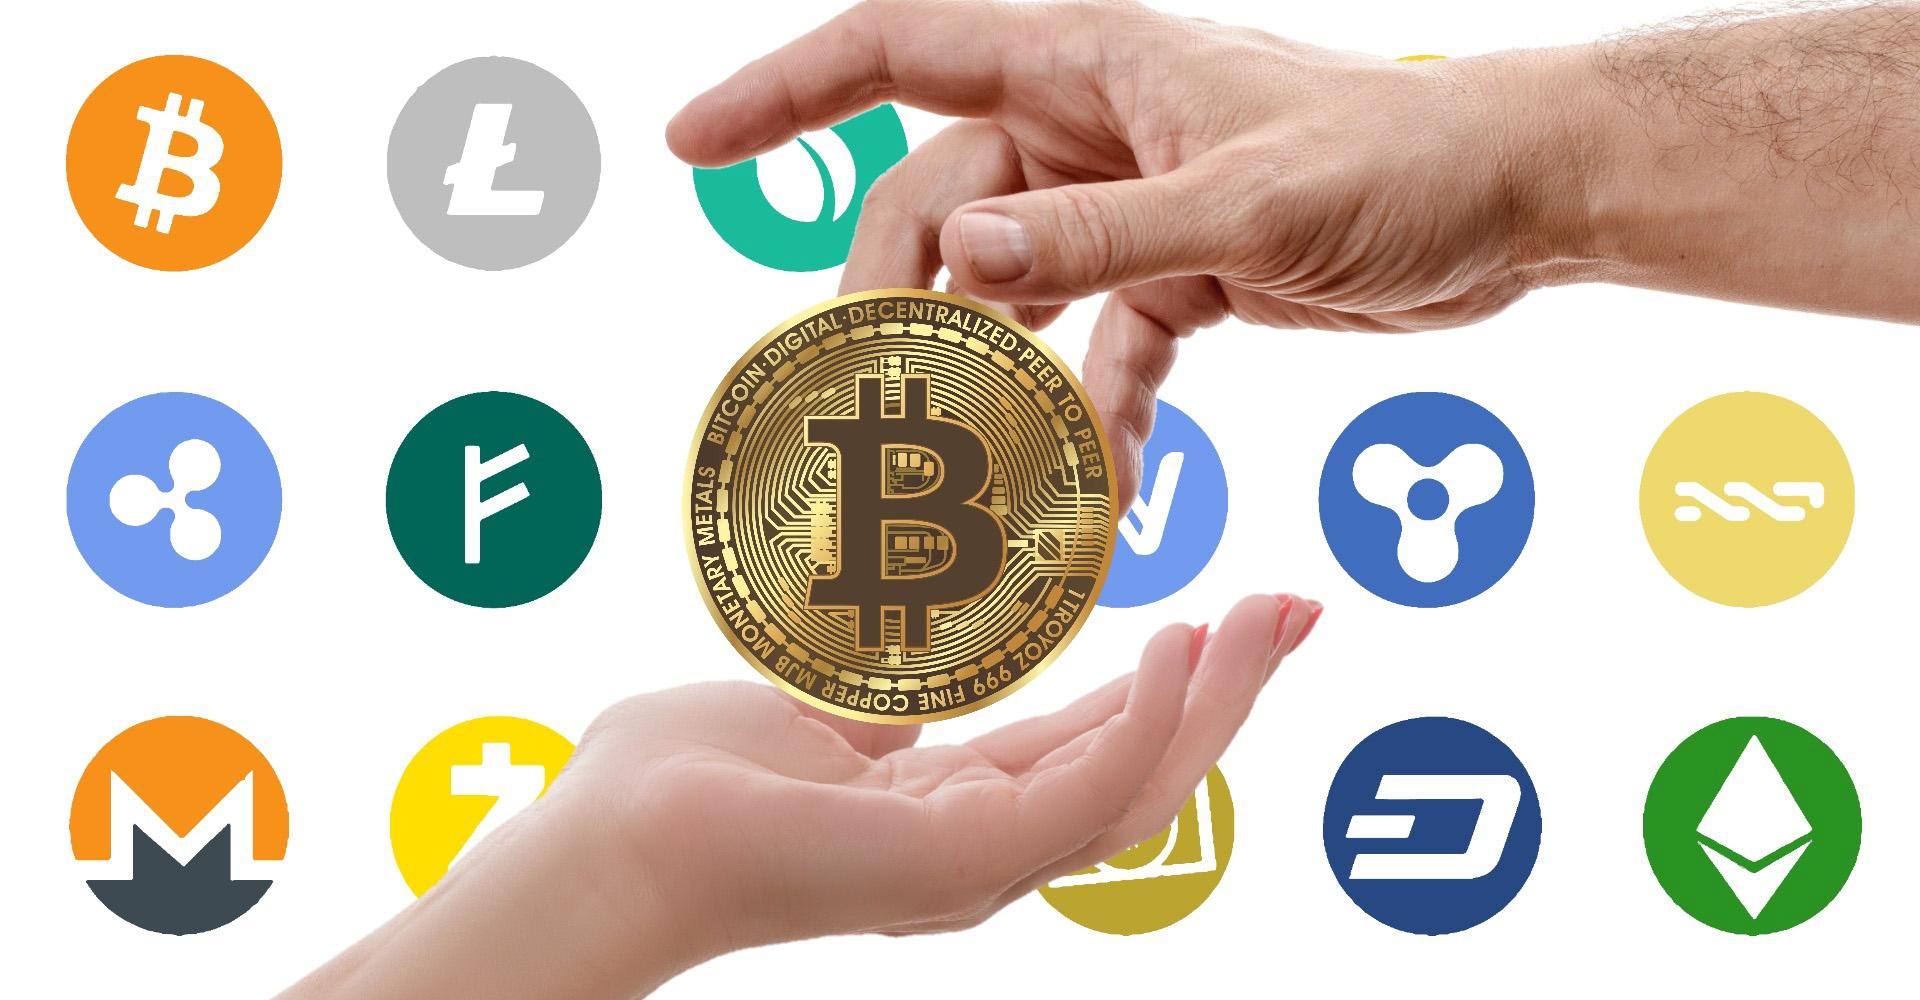 quel investissement de départ de 20 dans bitcoin deviendra